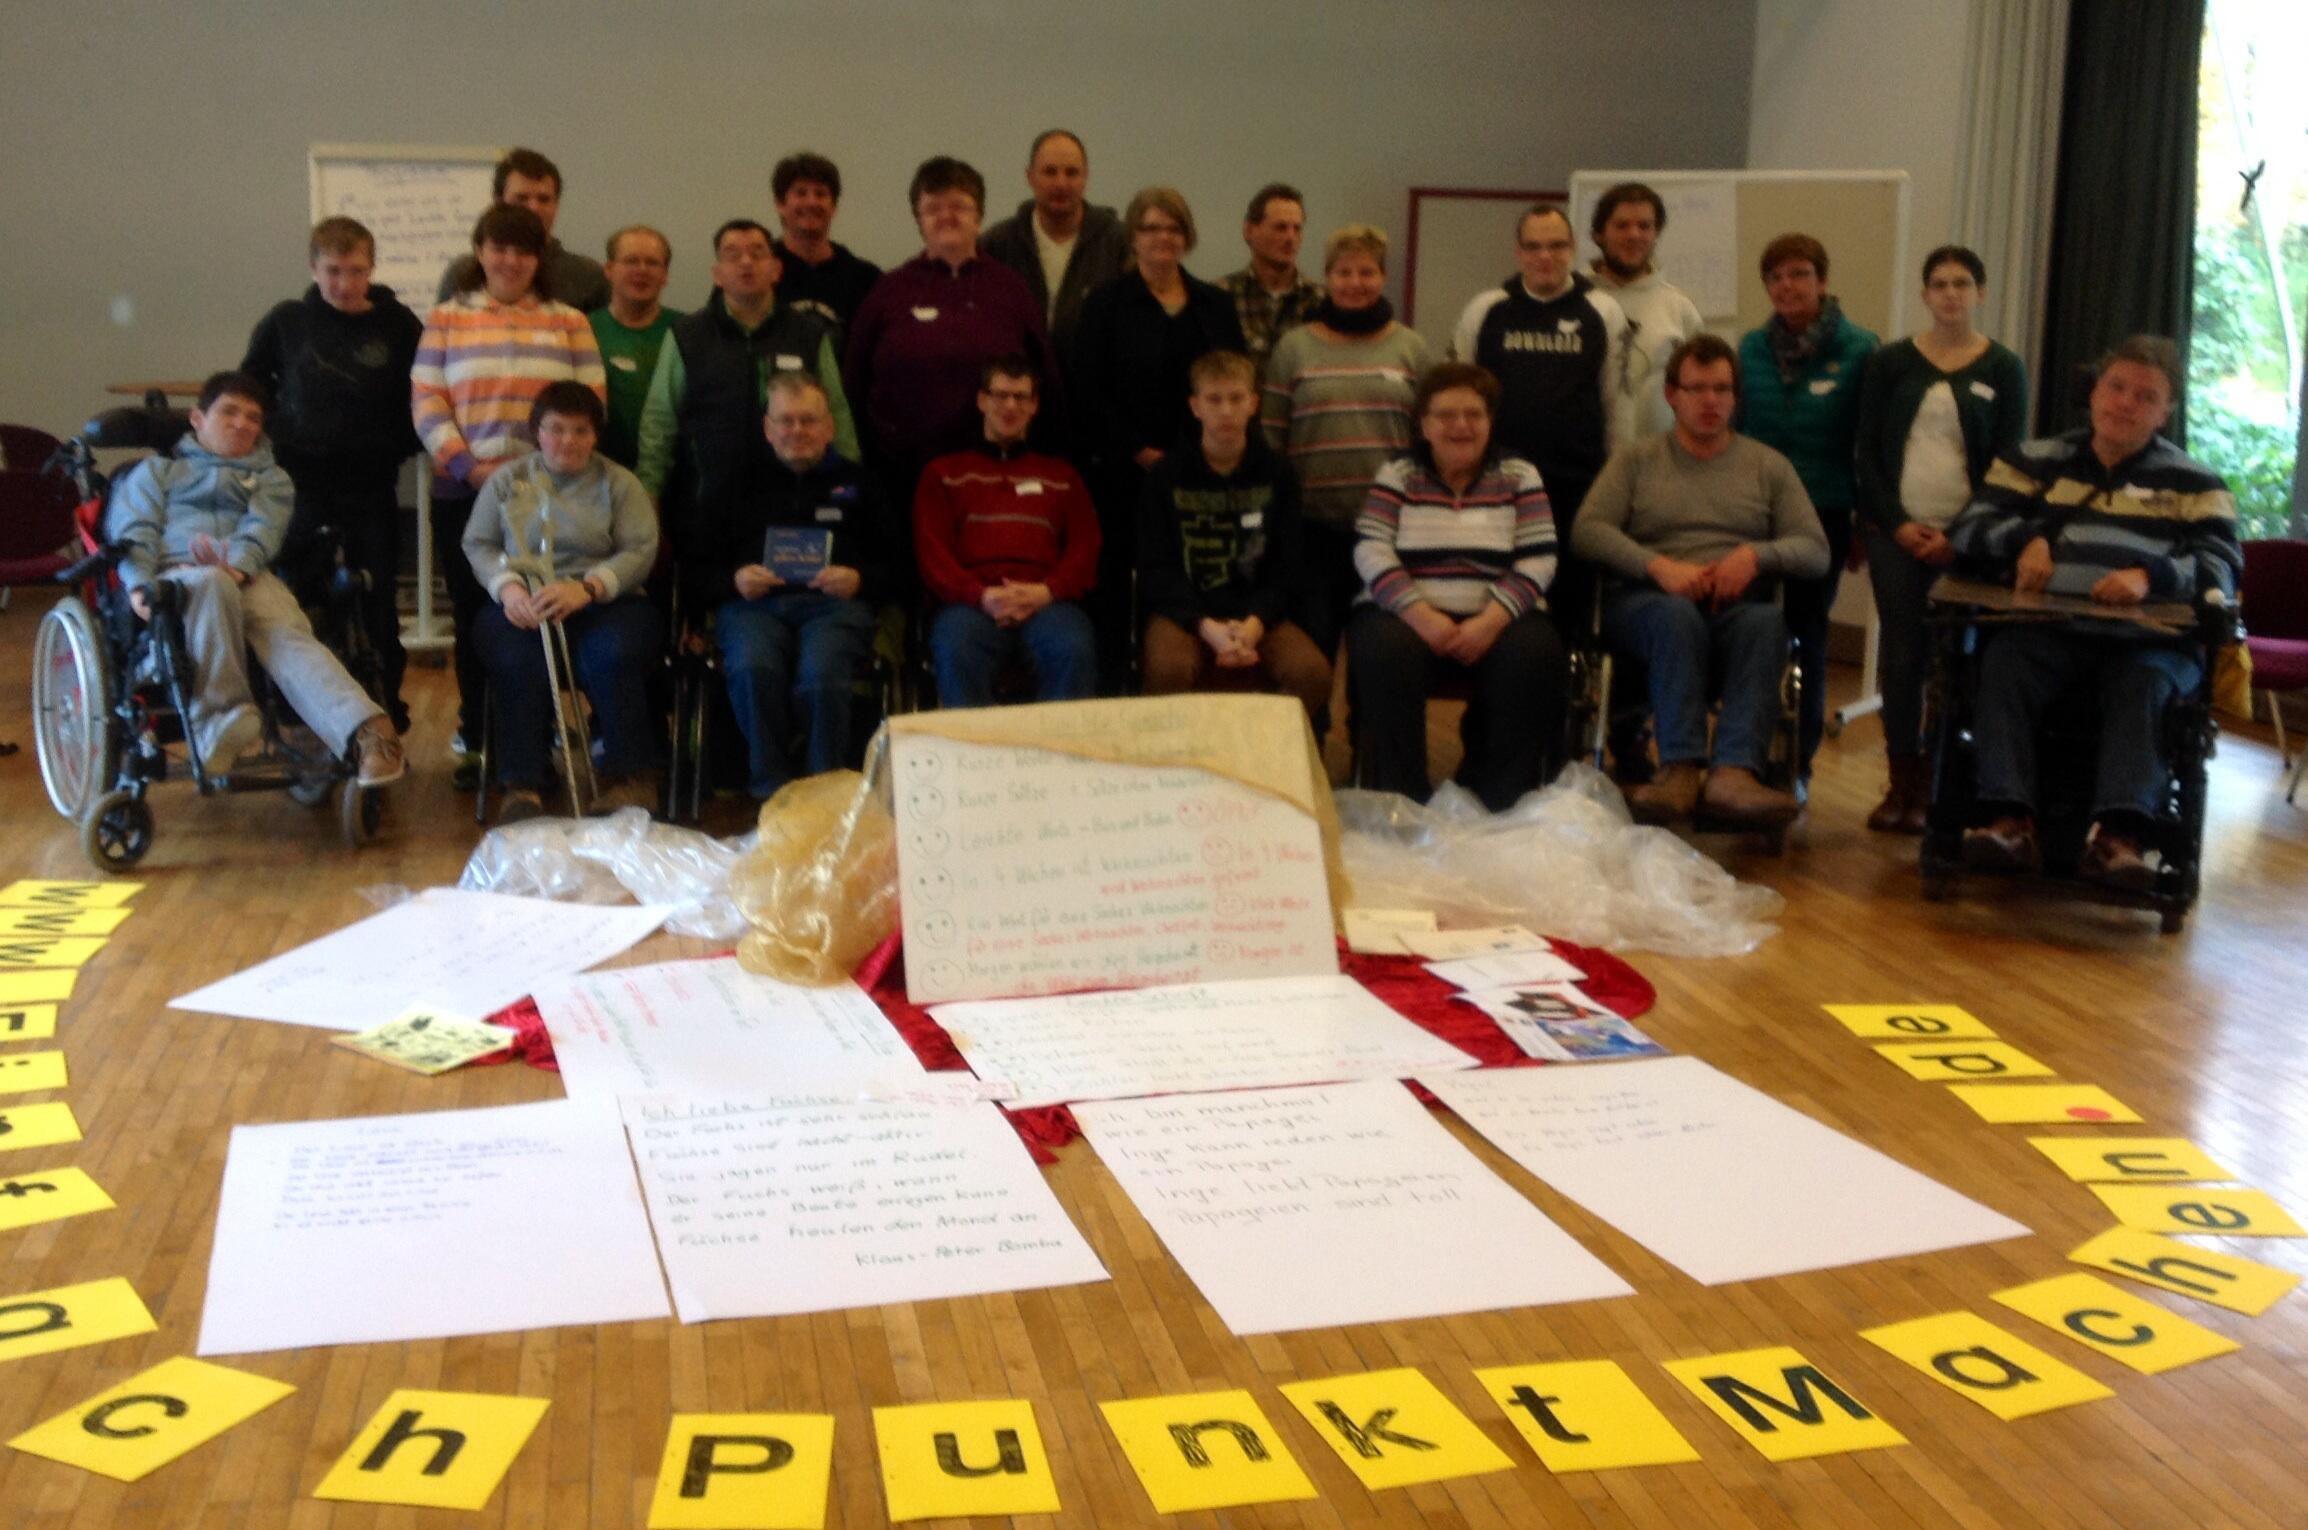 Wir sind die Macher von EinfachPunktMachen. Am 20.11.2013 haben wir ein großes Redaktionsteam-Treffen gemacht.